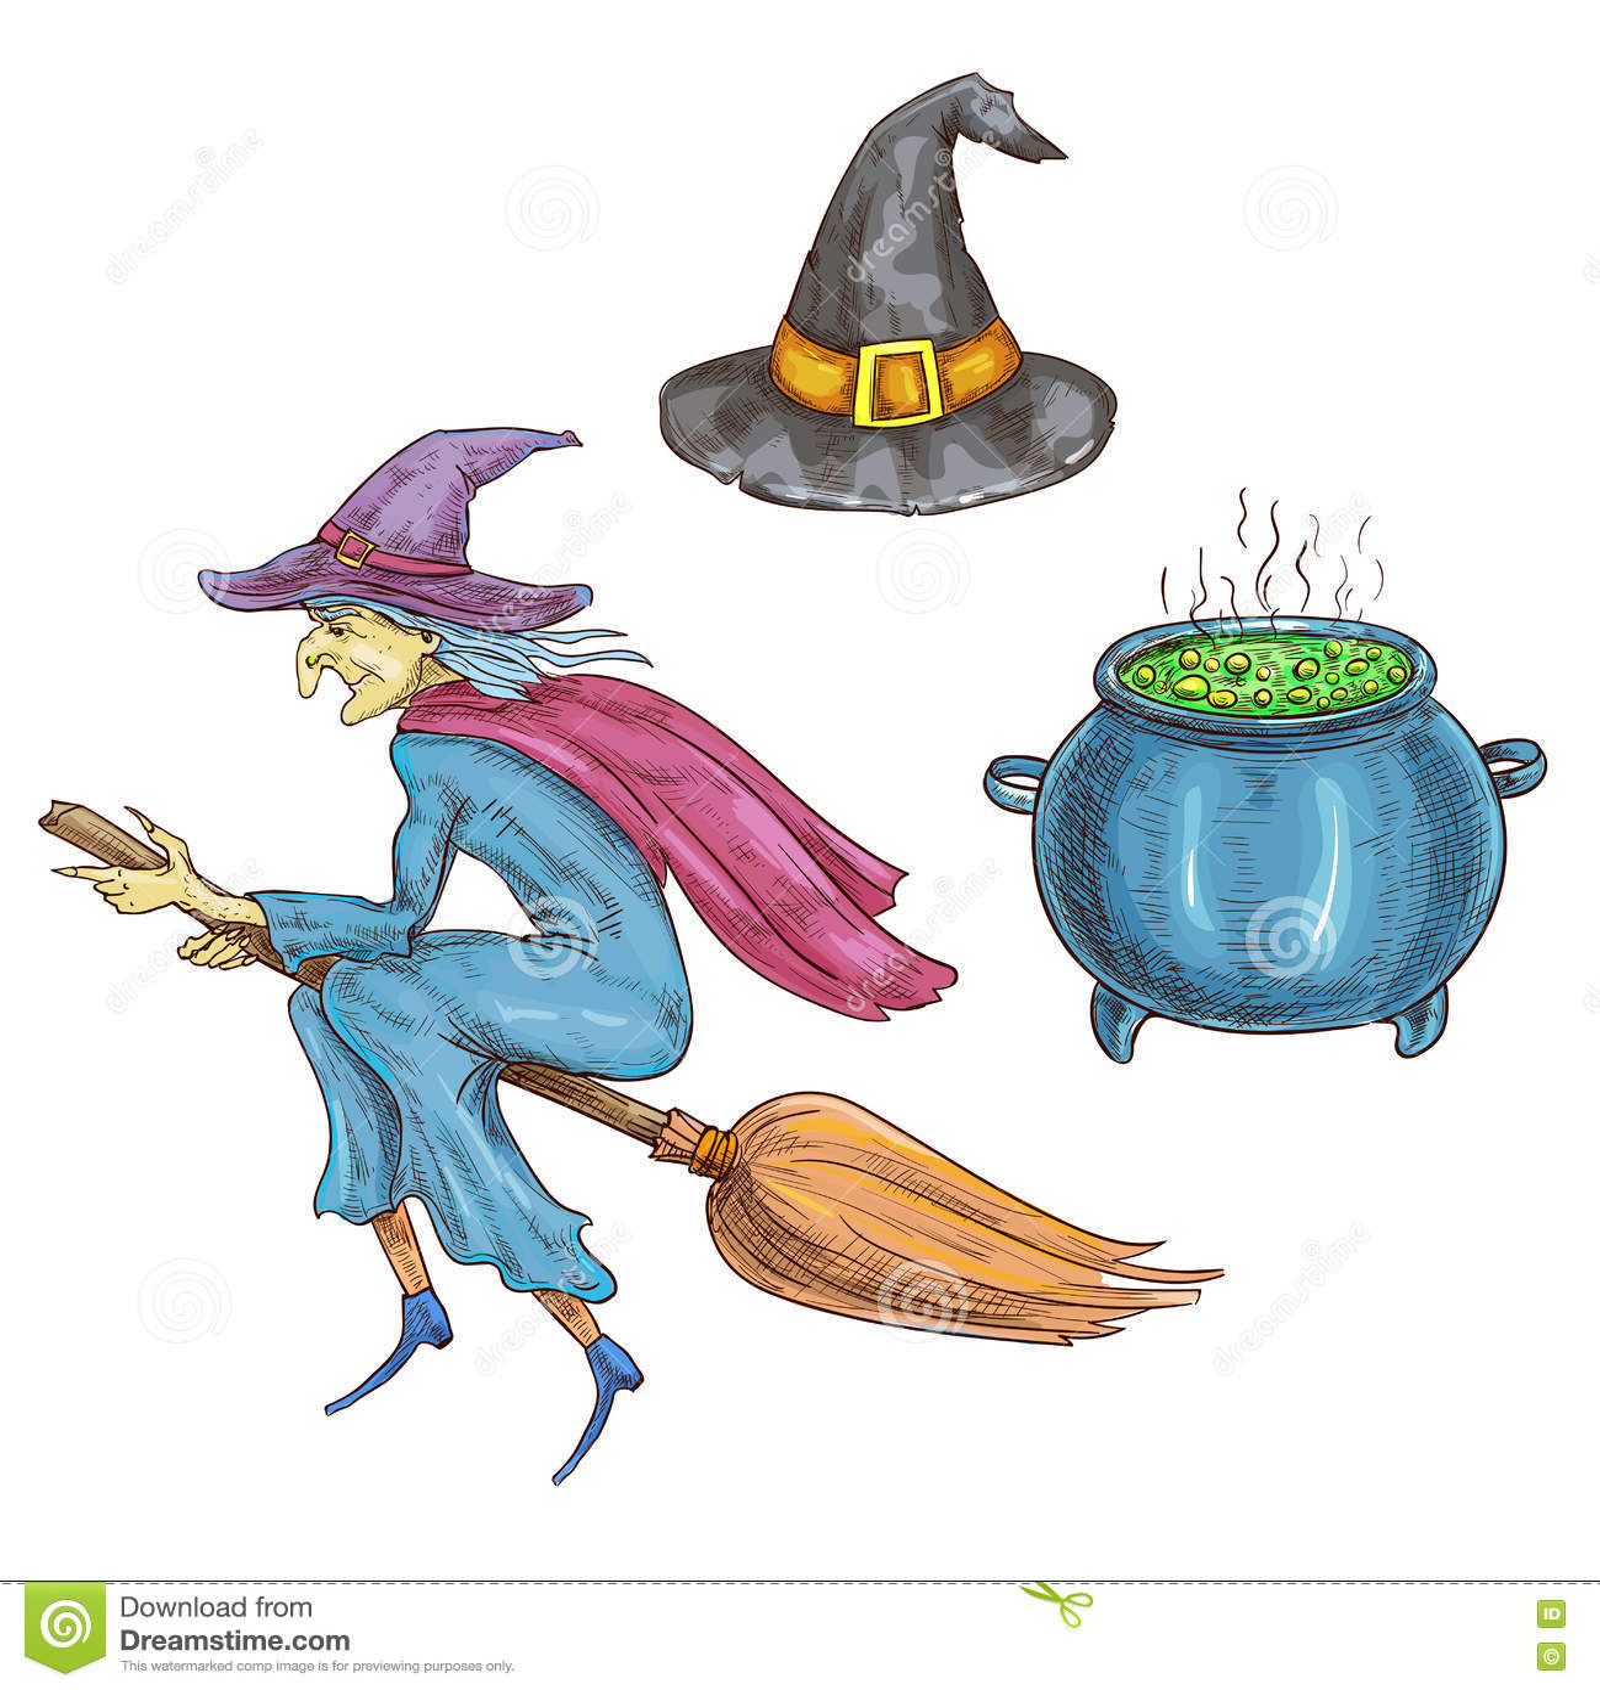 Carattere della strega con gli elementi della strega di Halloween schizzi  le icone della vecchia befana con il volo del cappello sulla scopa 3900c31c4d66